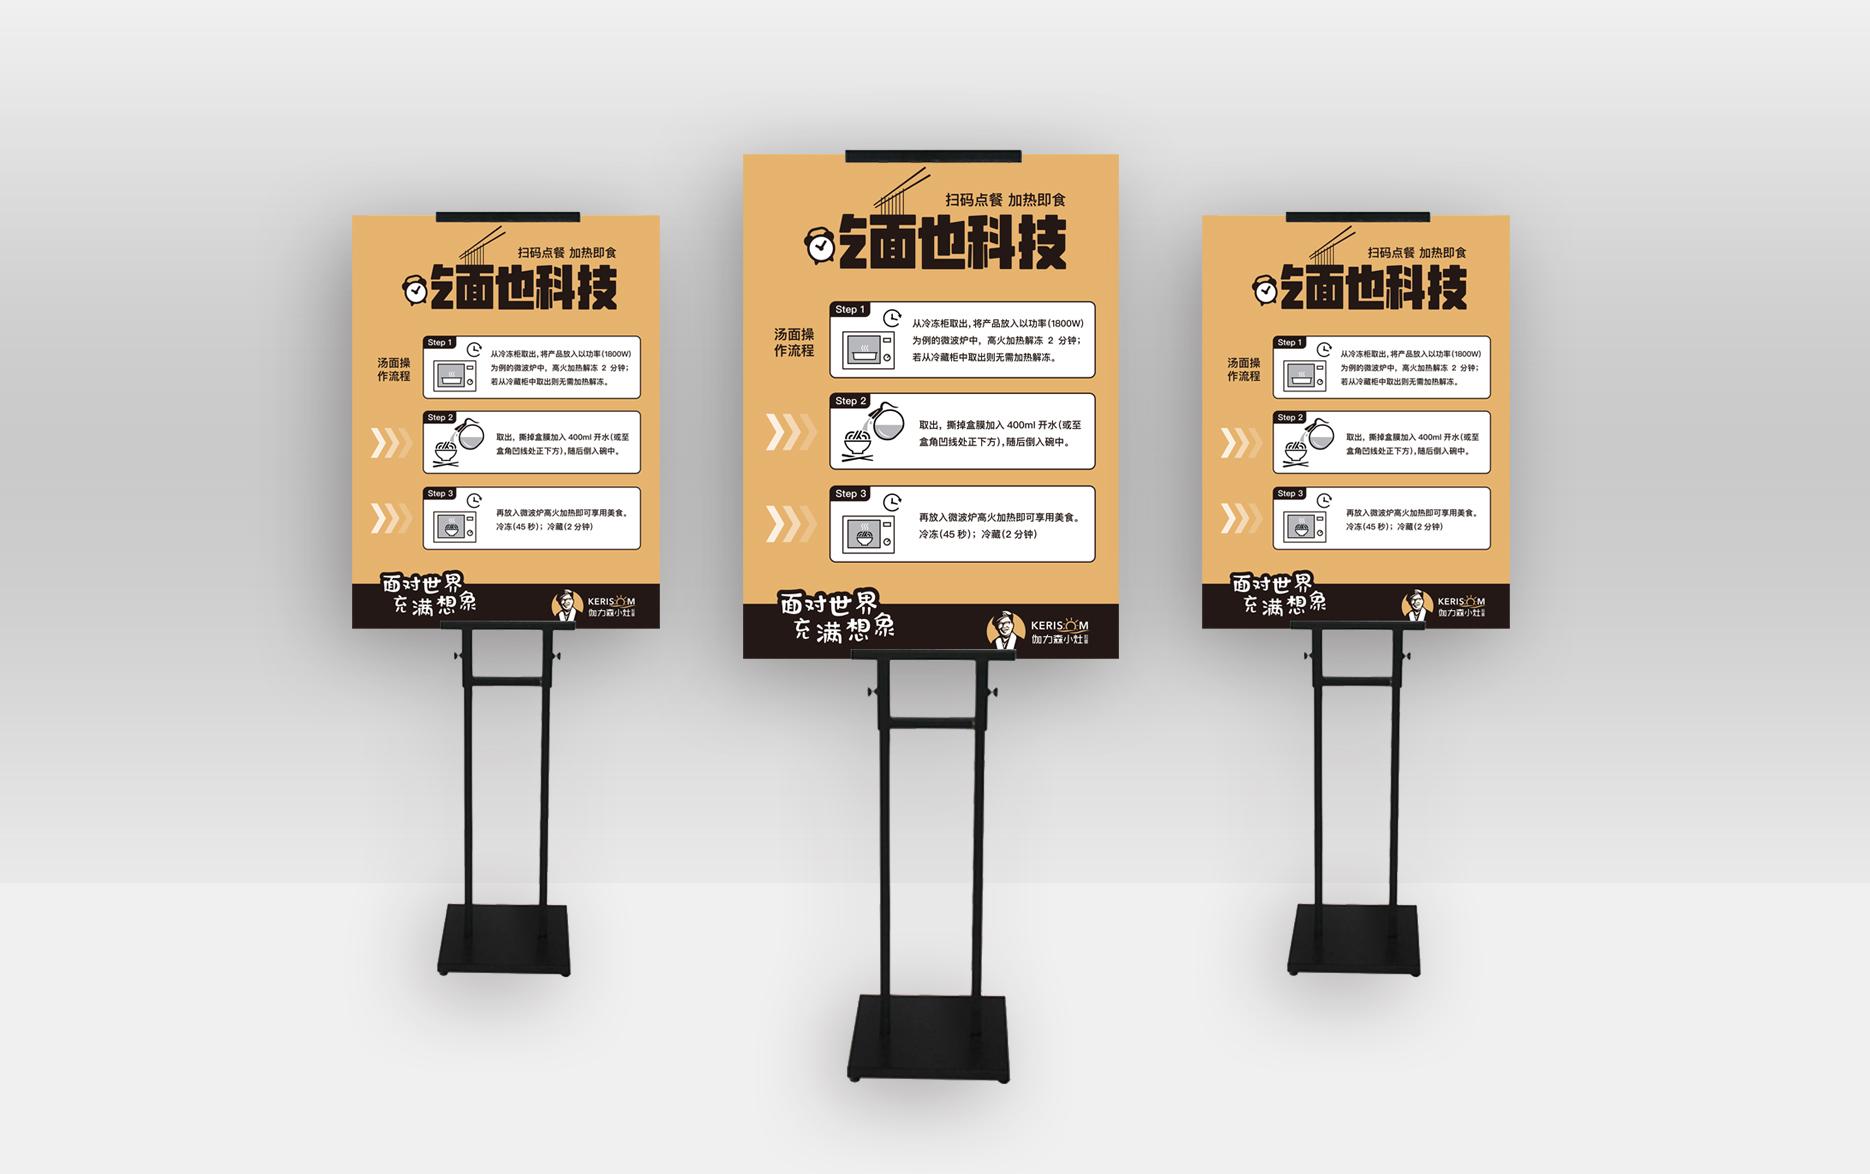 伽力森品牌气质定位设计:宣传牌